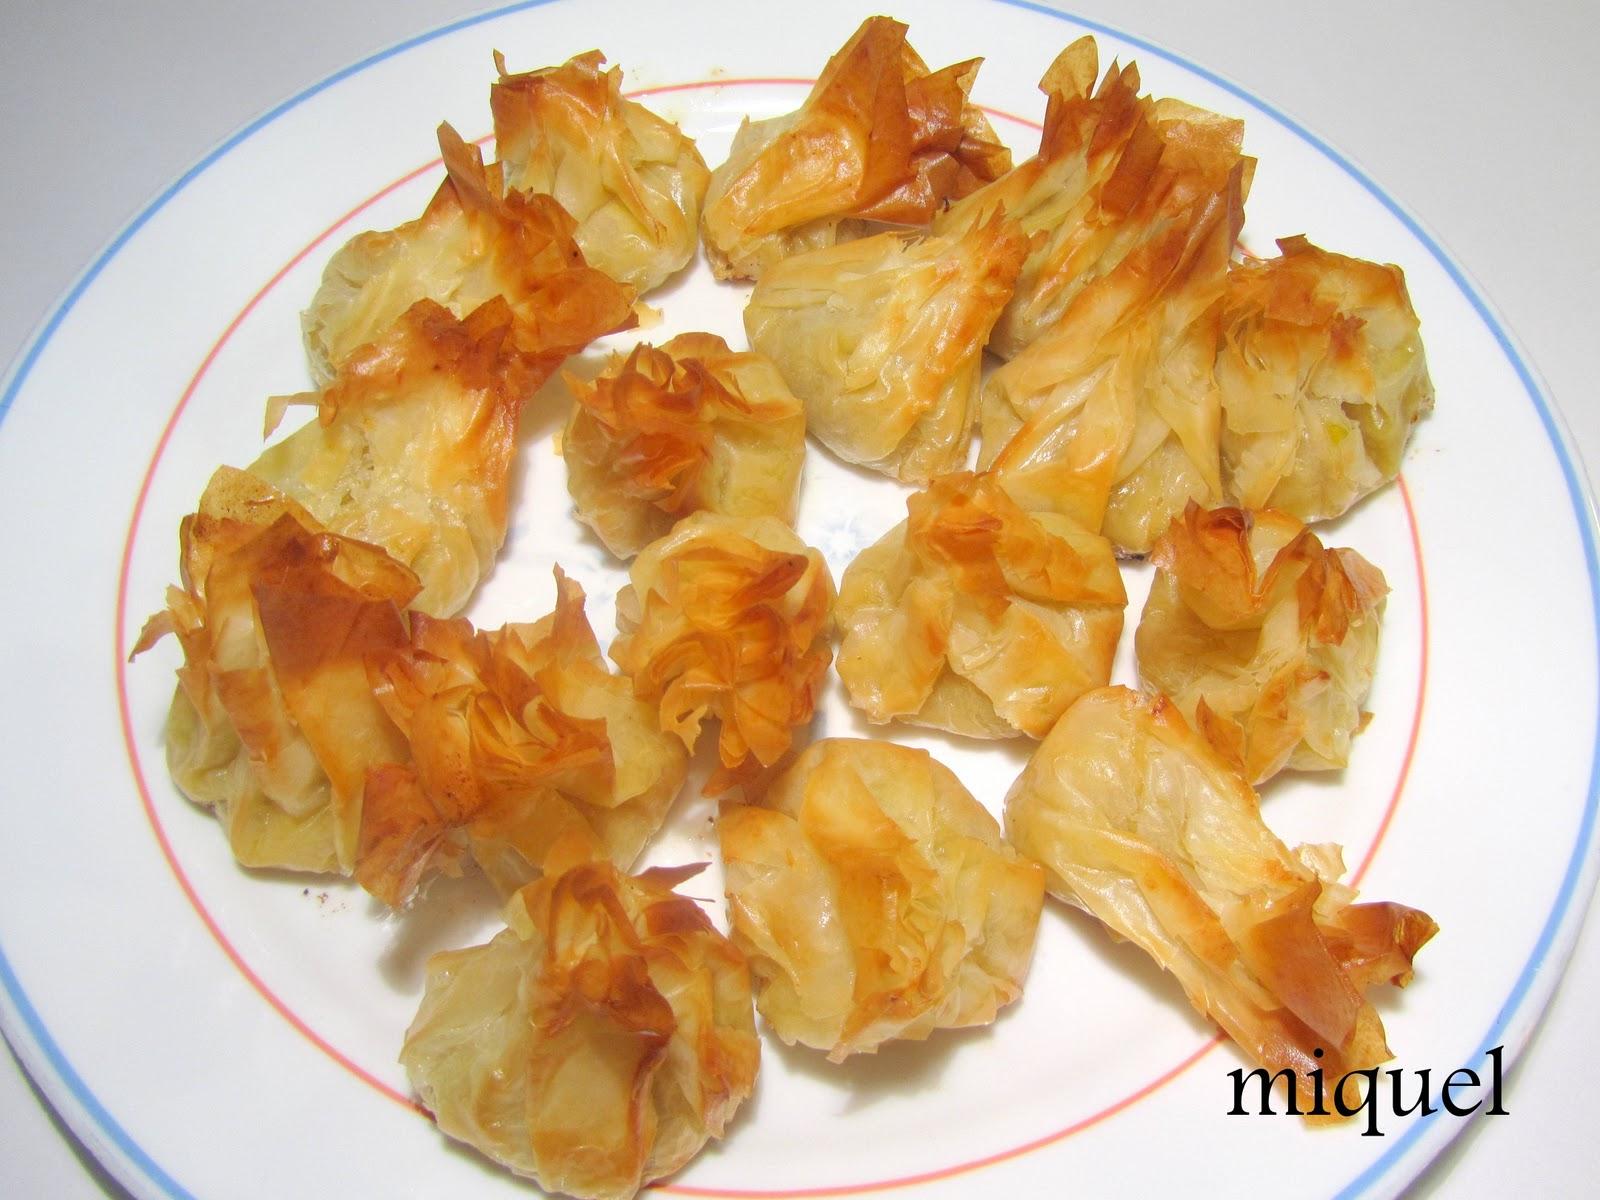 Les receptes del miquel recetas de pasta filo 2 ideas - Hojaldre de puerros y gambas ...